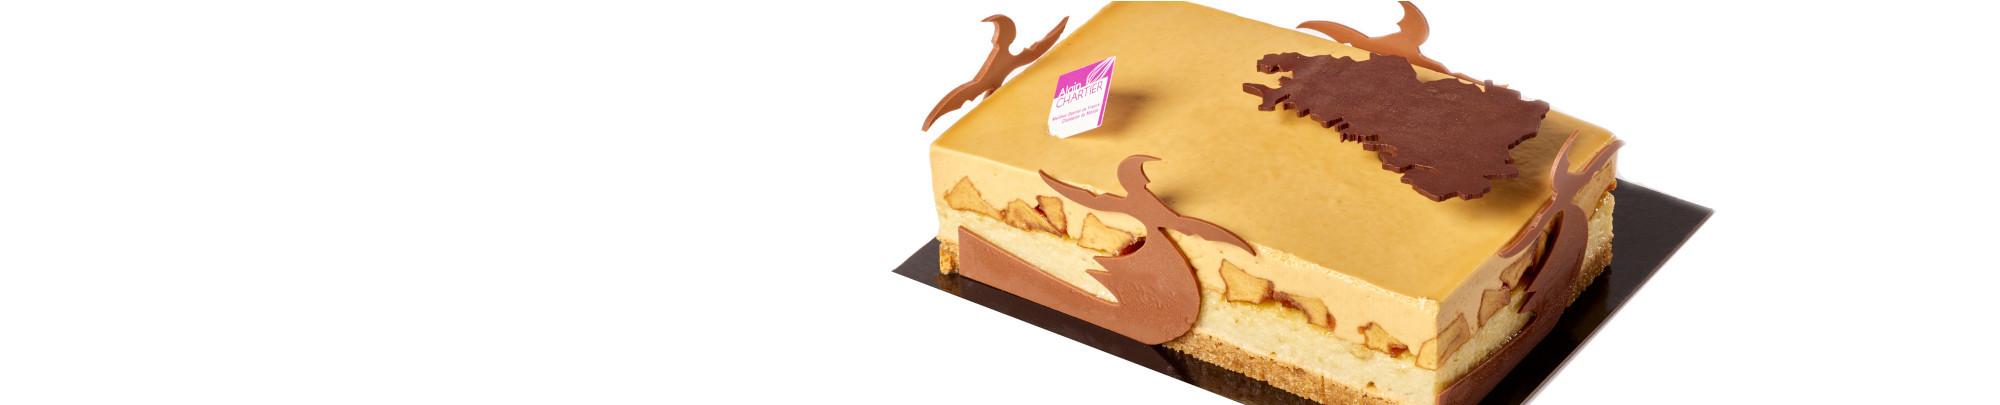 Gâteaux glacés